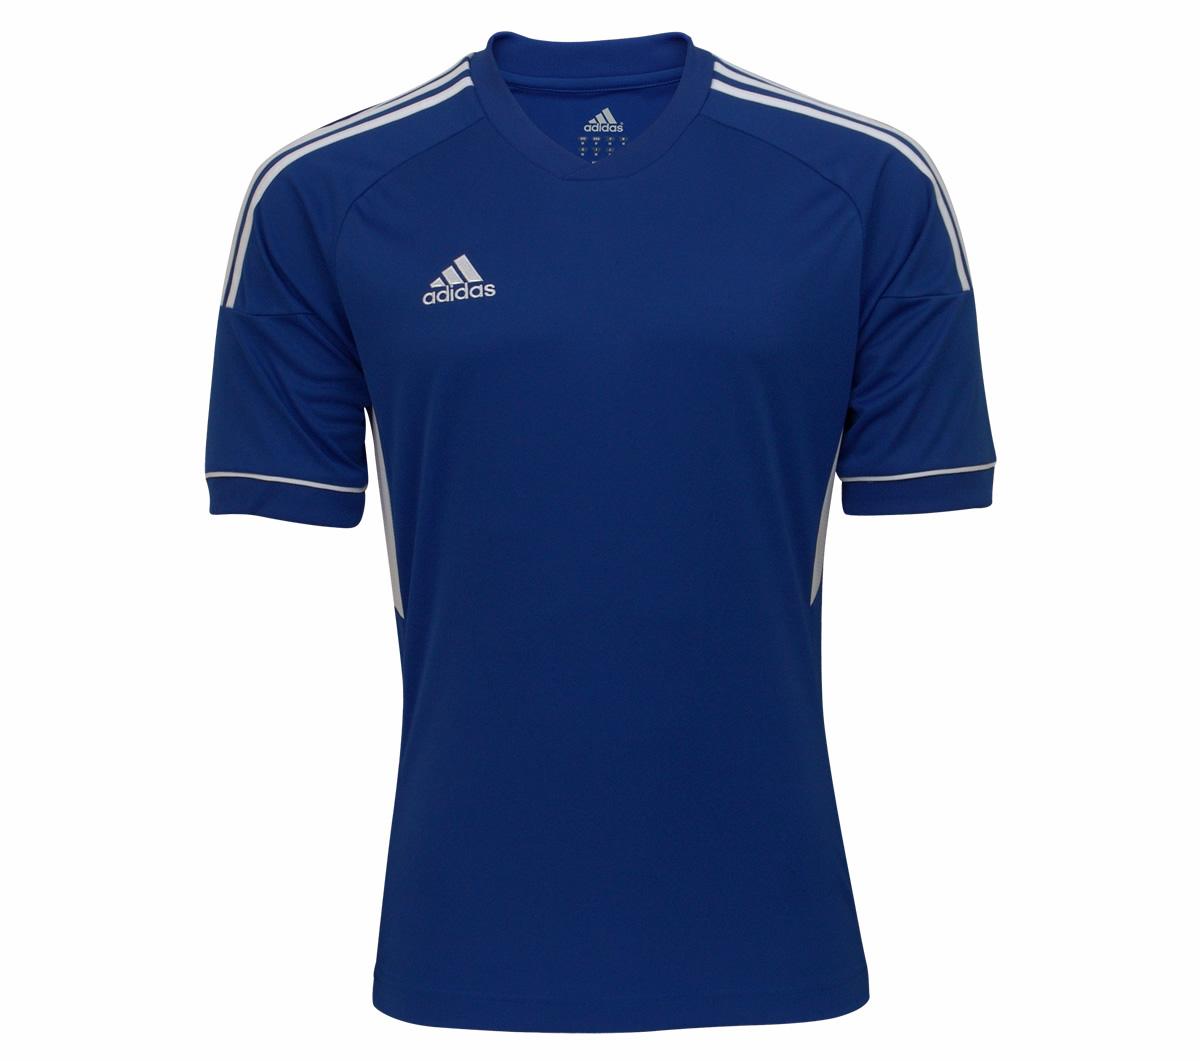 e390e8137b378 Camisa Adidas Regista 12 Azul Camisa Adidas Regista 12 Azul ...